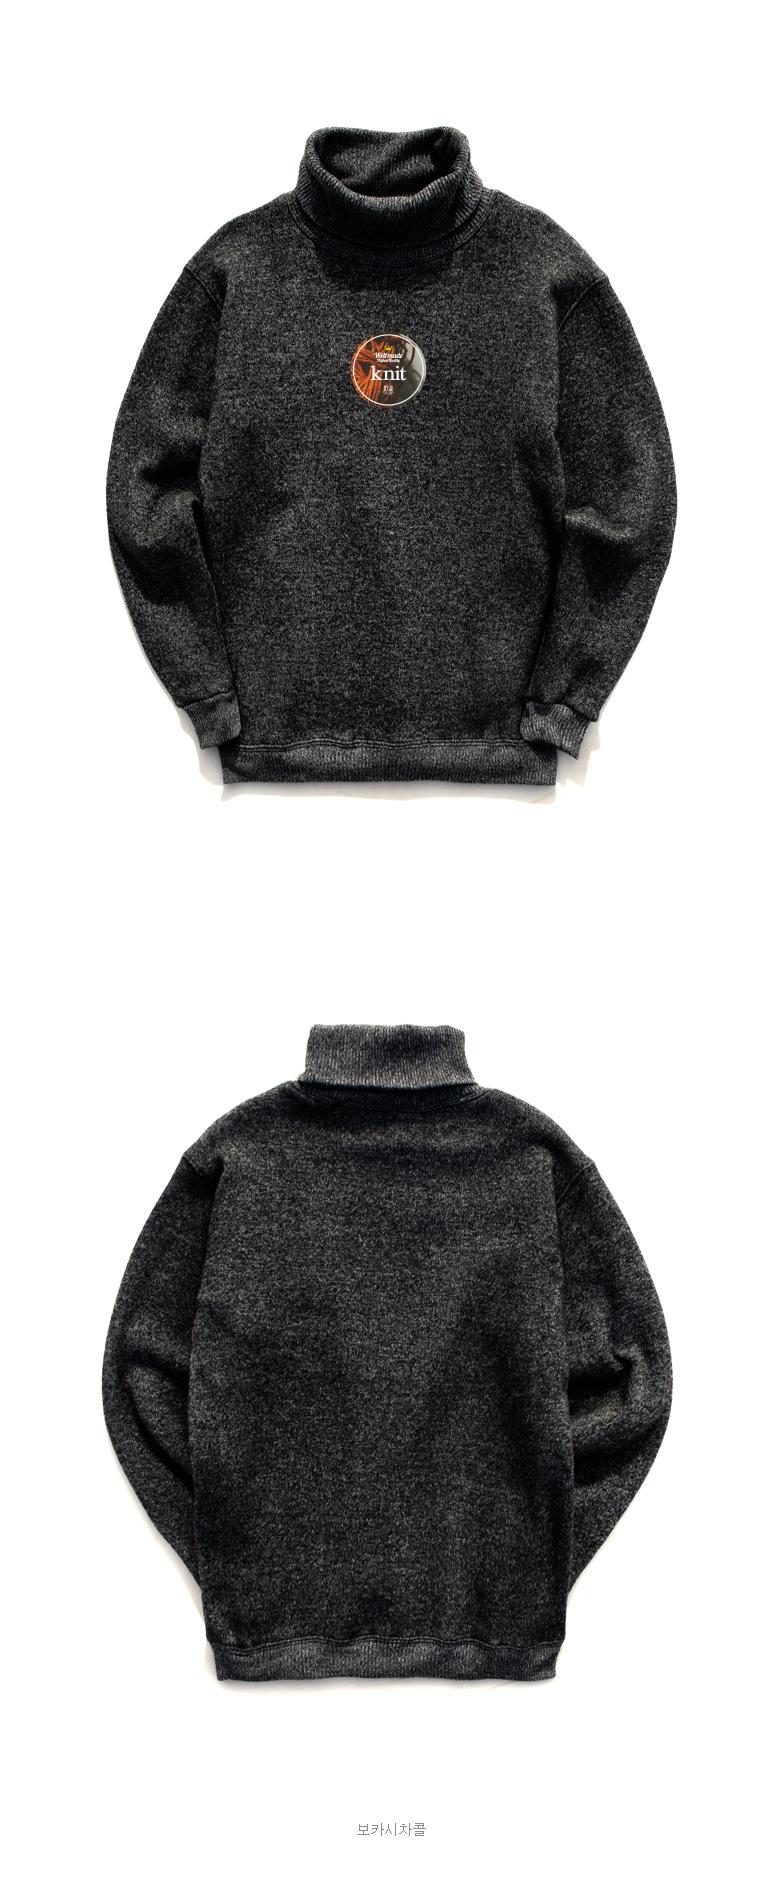 [페플] 마일드 폴라니트 1+1 패키지 KHKN1054